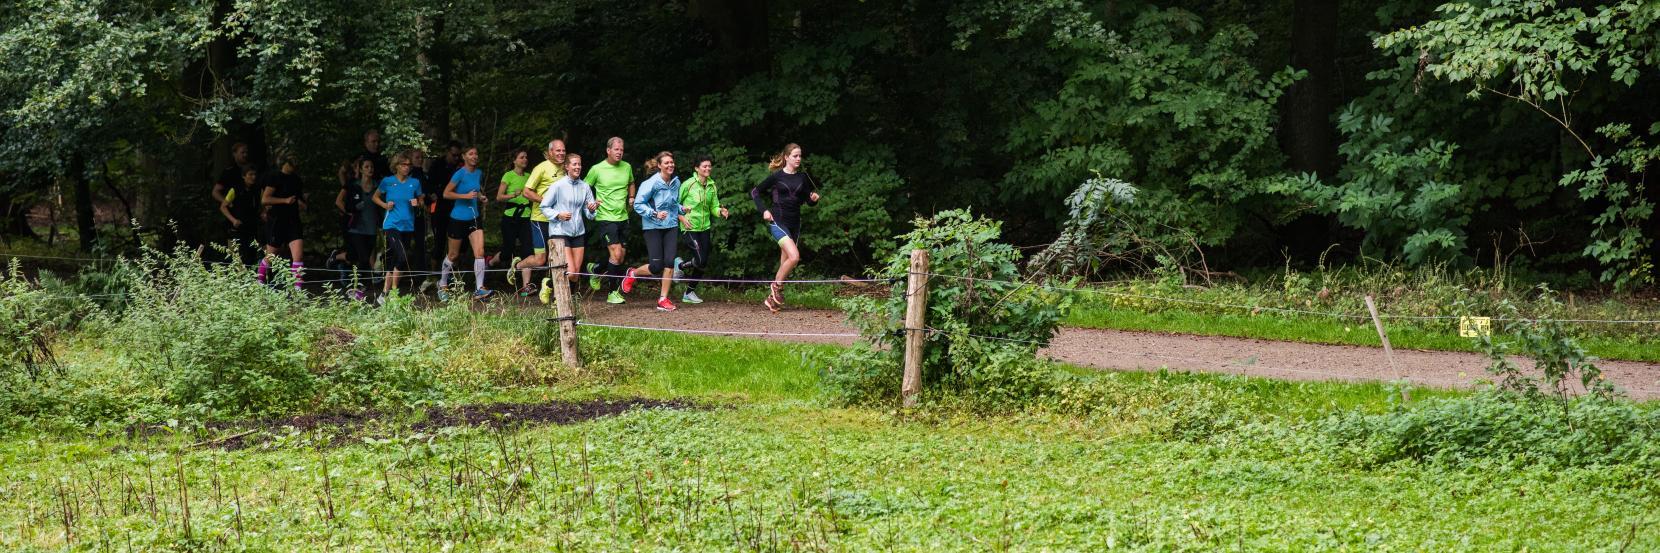 SNIK løbeklub i skoven